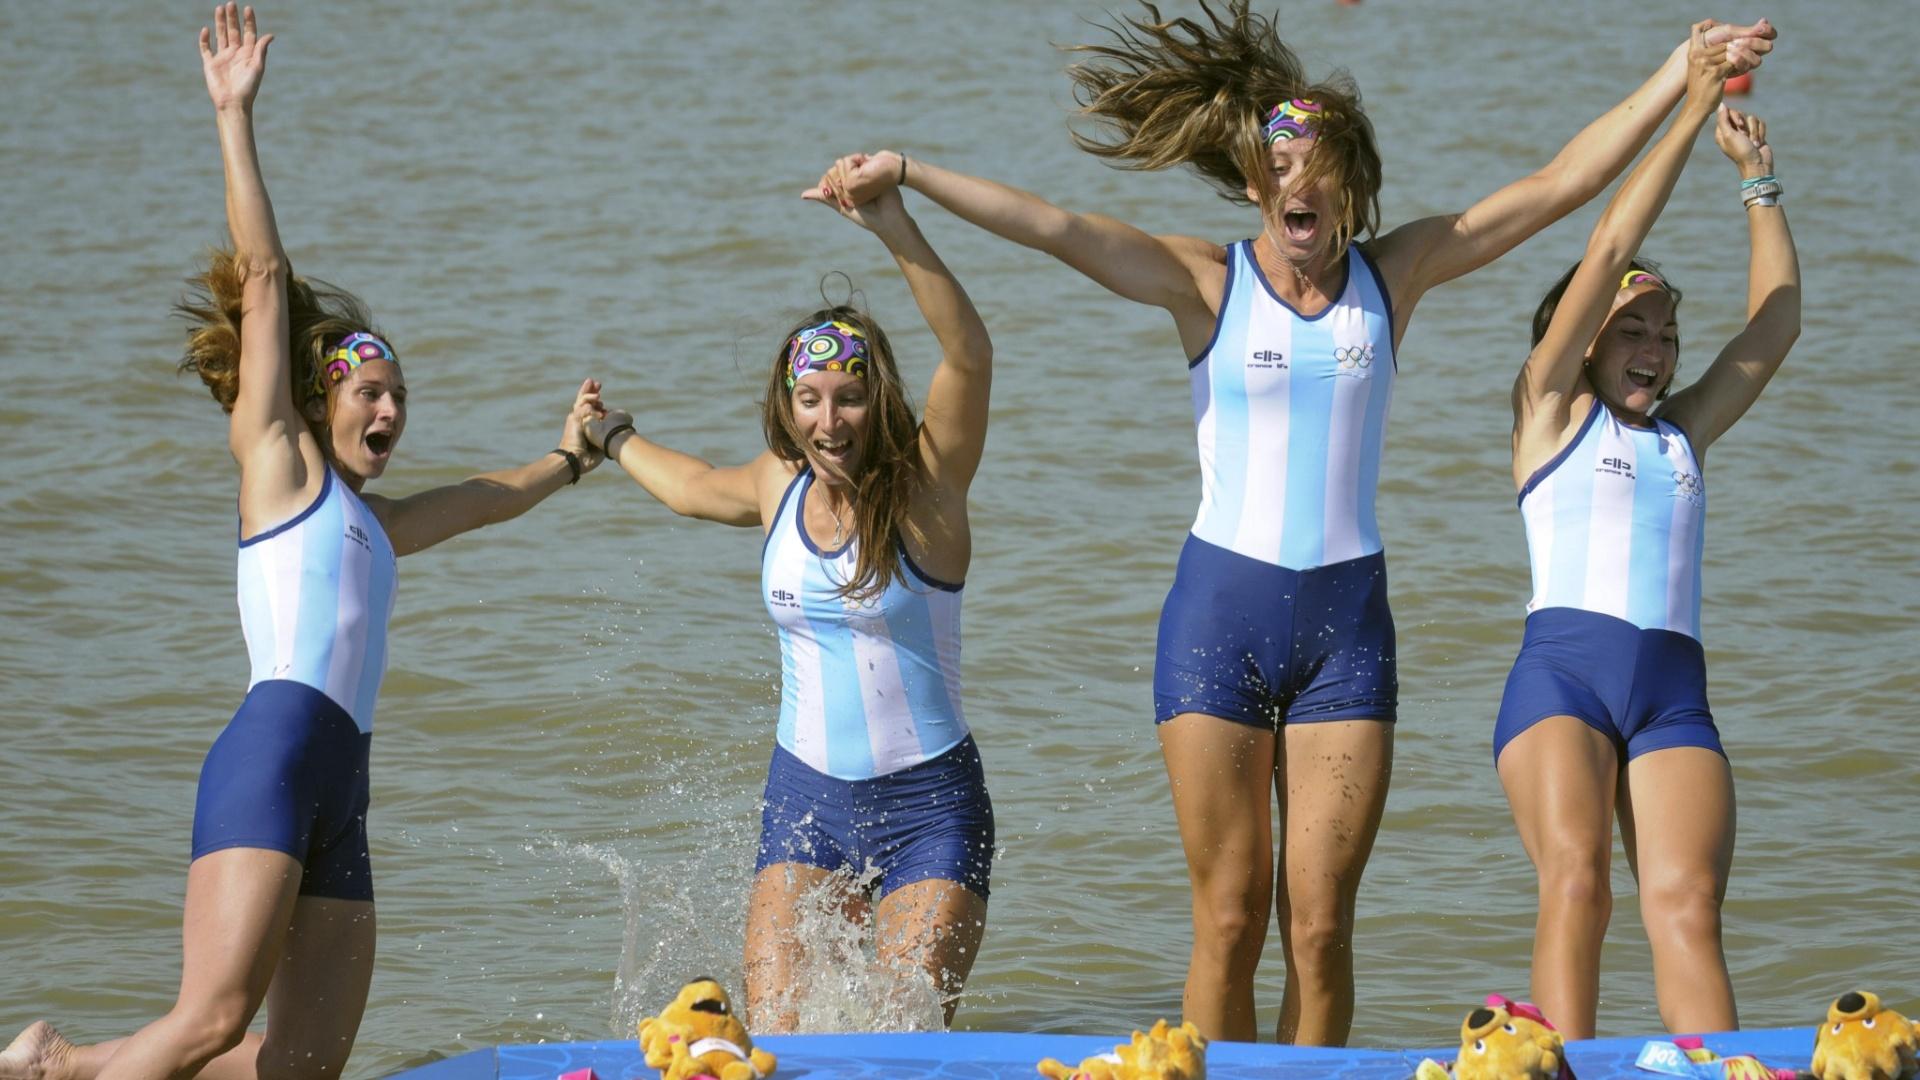 Remadoras argentinas Milka Kraljev, Maria Ibalo, Maria Best e Maria Rohner se jogam na água na comemoração após medalha de ouro no Pan (19/10/2011)